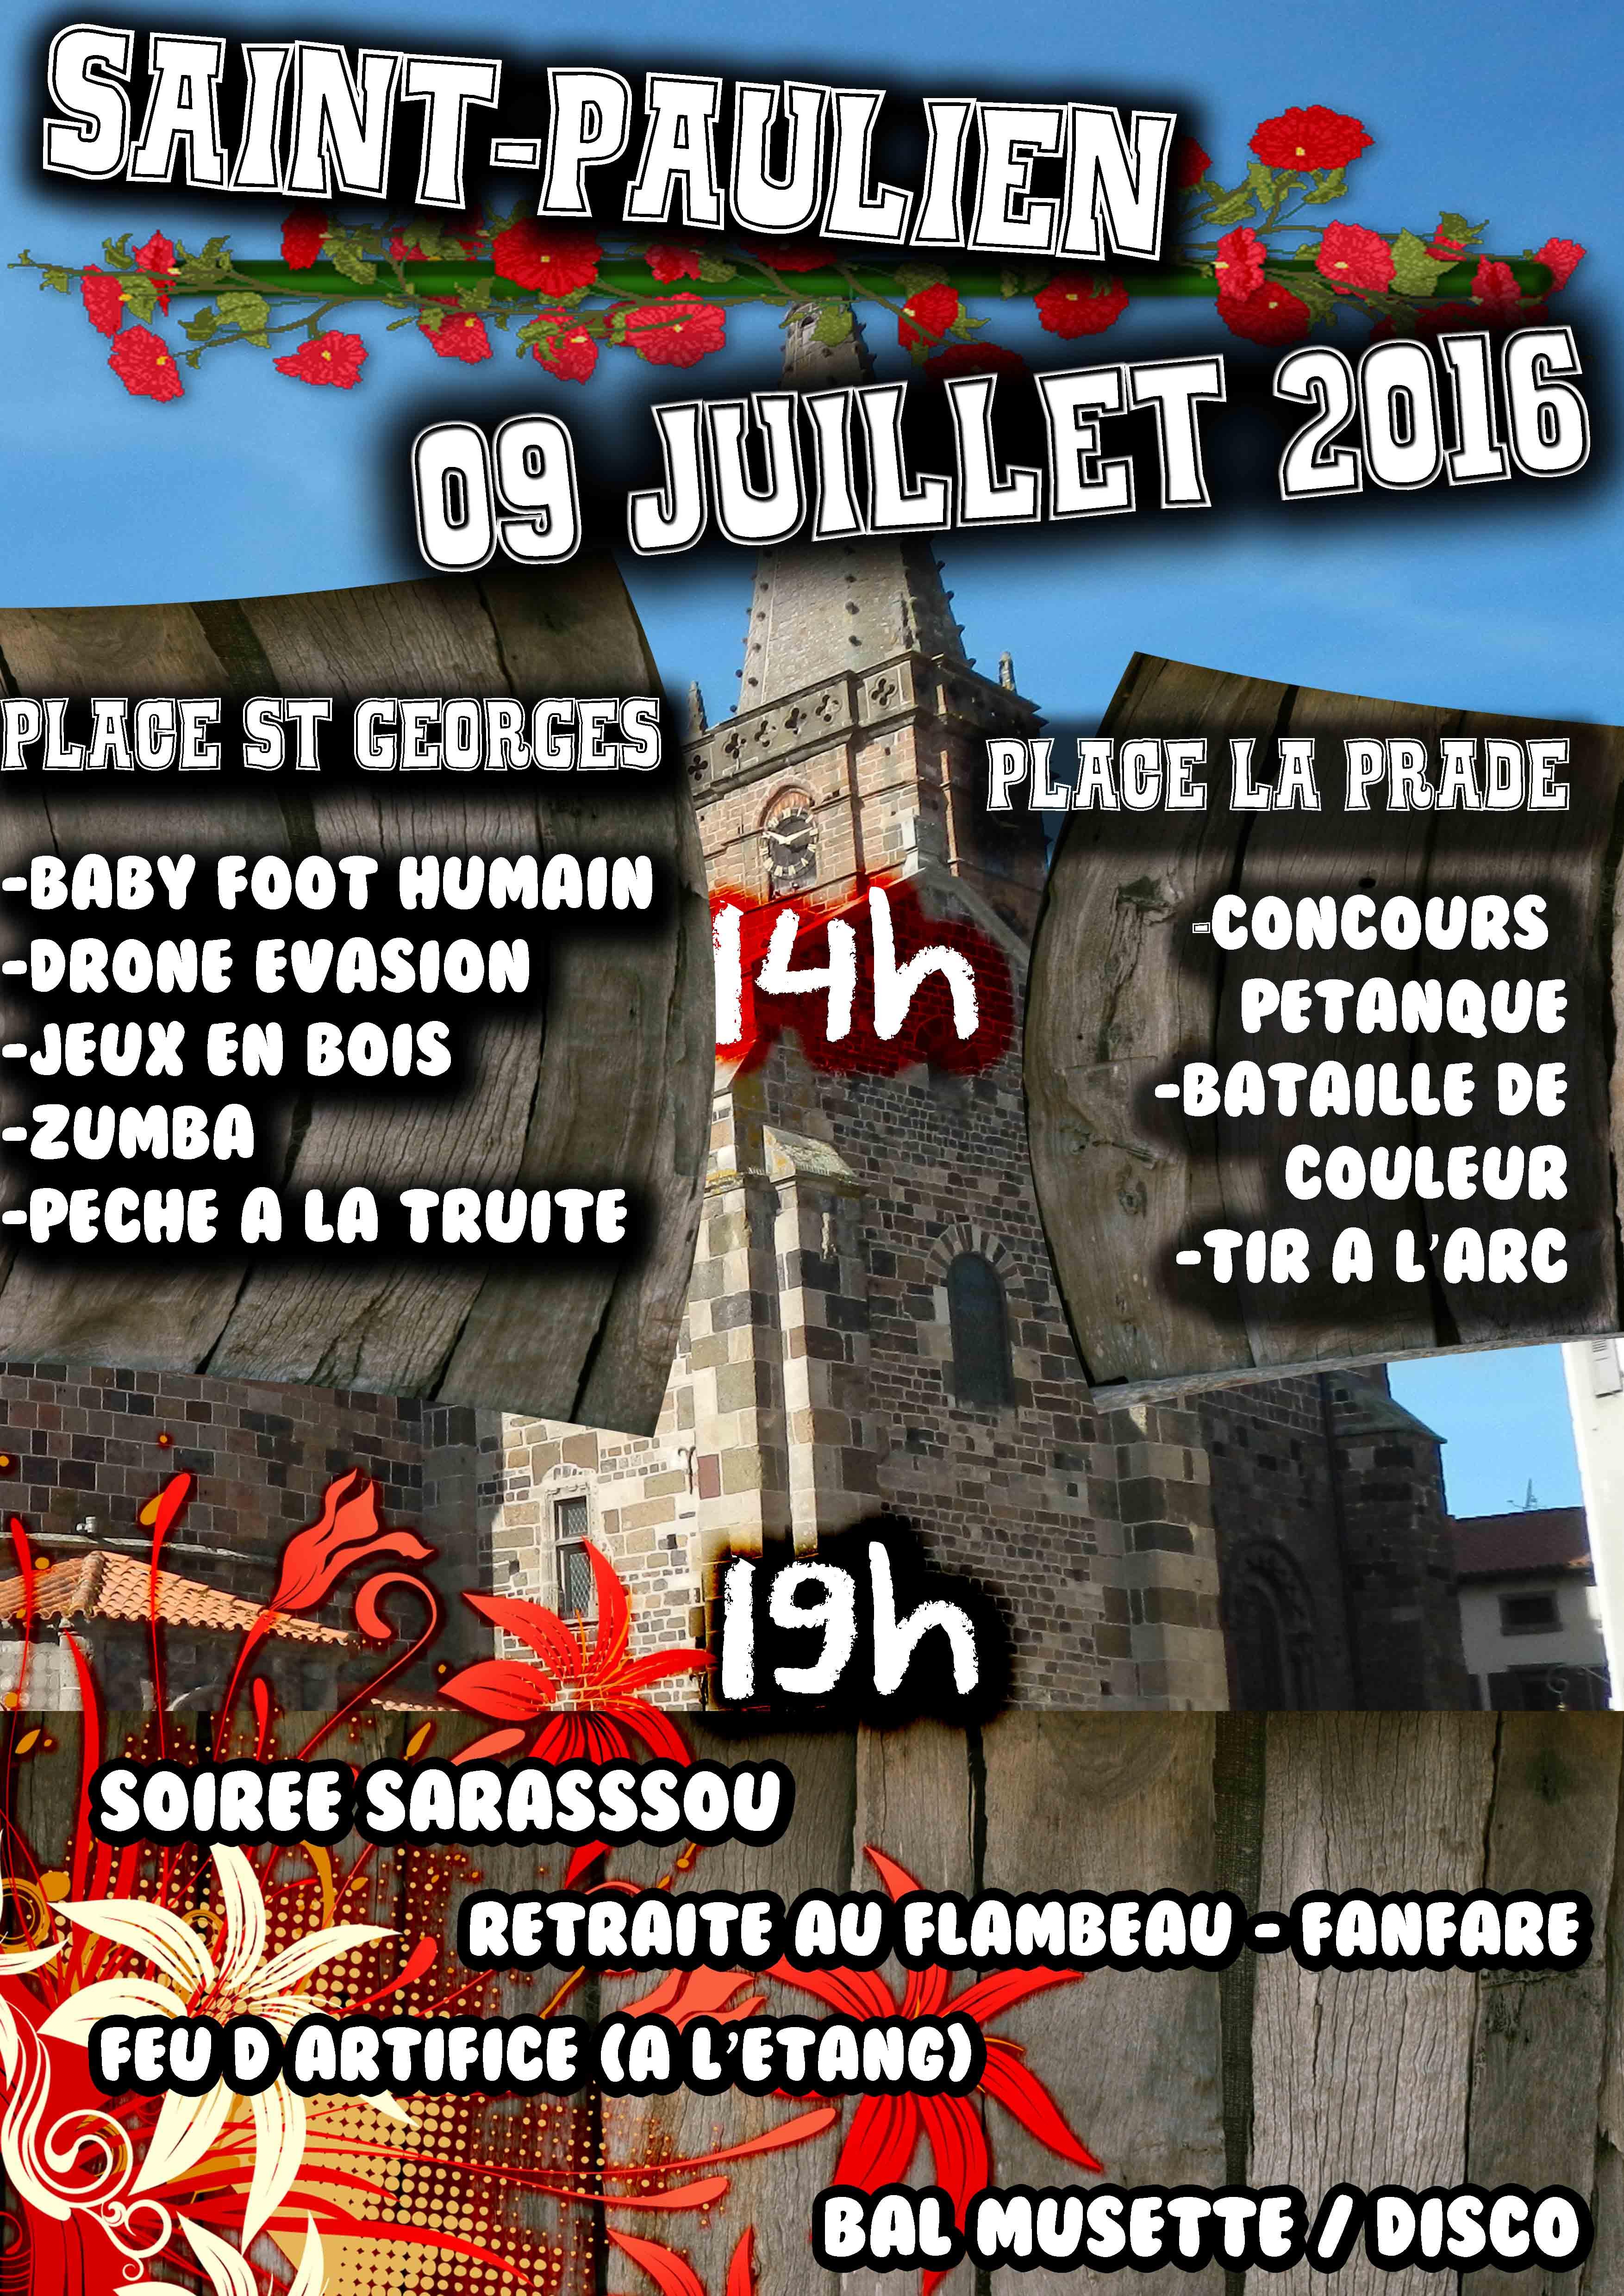 Fête d'été de Saint-Paulien avec de nombreuses animations